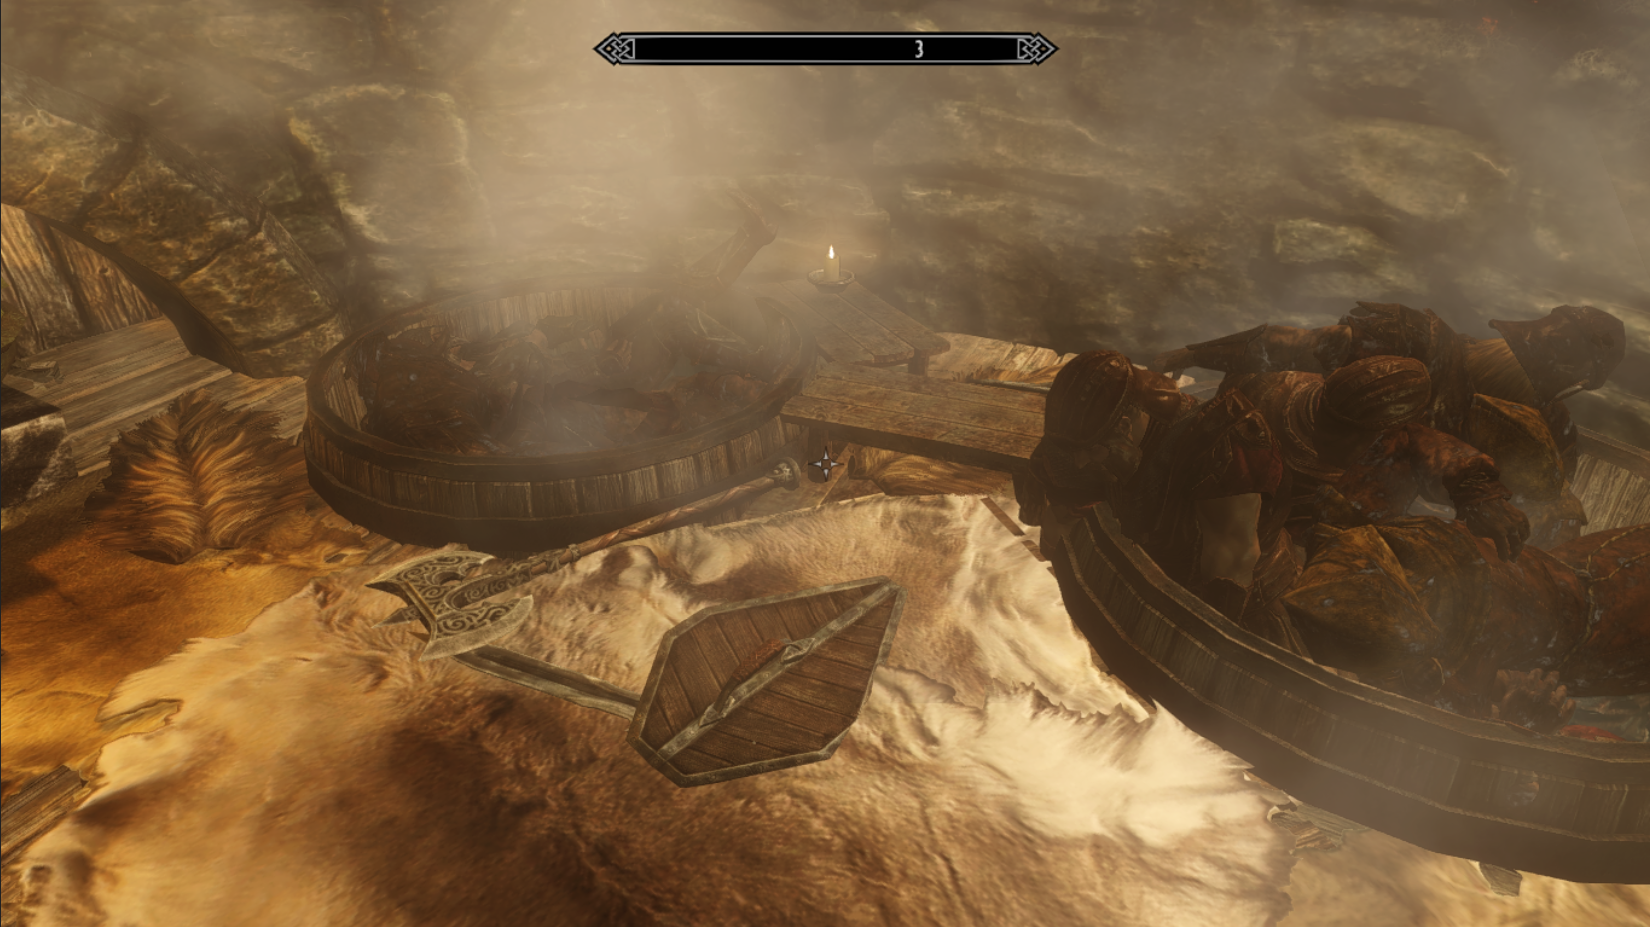 Варим Имперцев. Осталось добавить приправ и измельчённые кости Братьев Бури. - Elder Scrolls 5: Skyrim, the